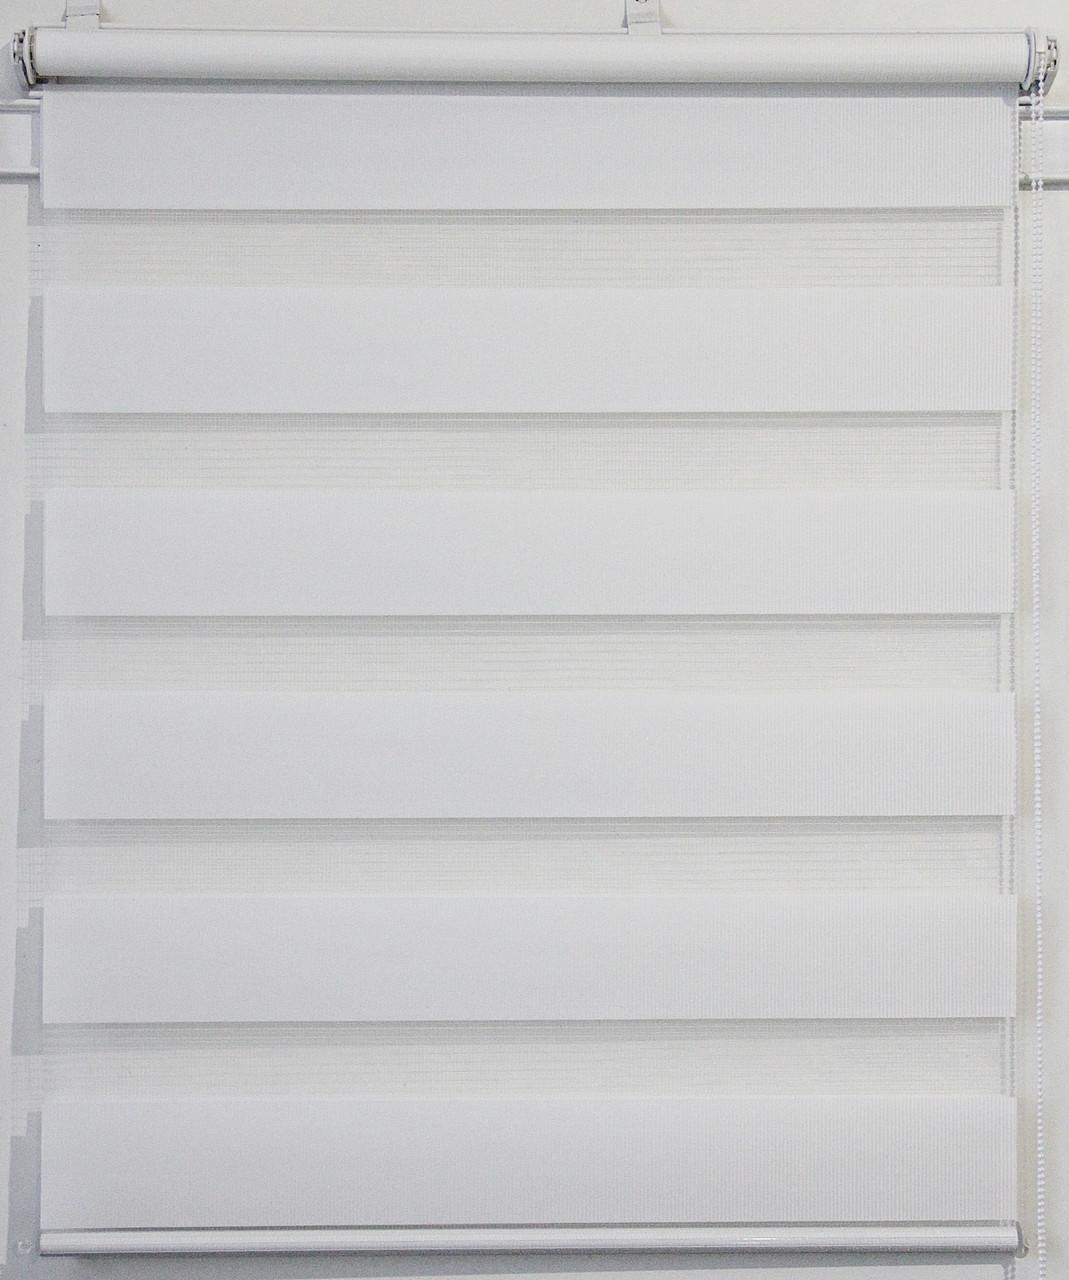 Готовые рулонные шторы 850*1600 Ткань ВН-01 Белый